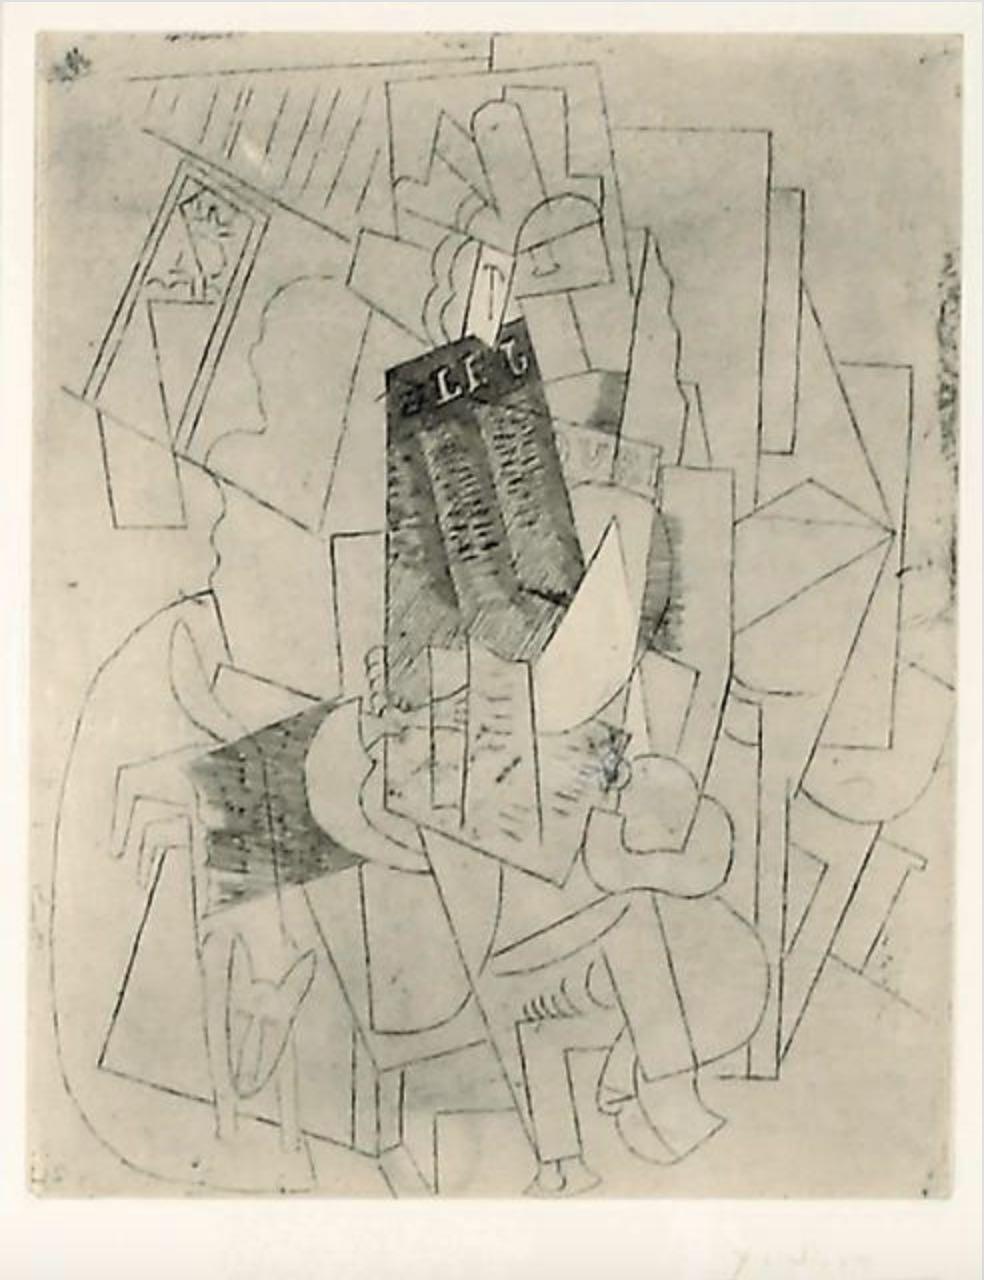 L'Homme au Chien by Pablo Picasso